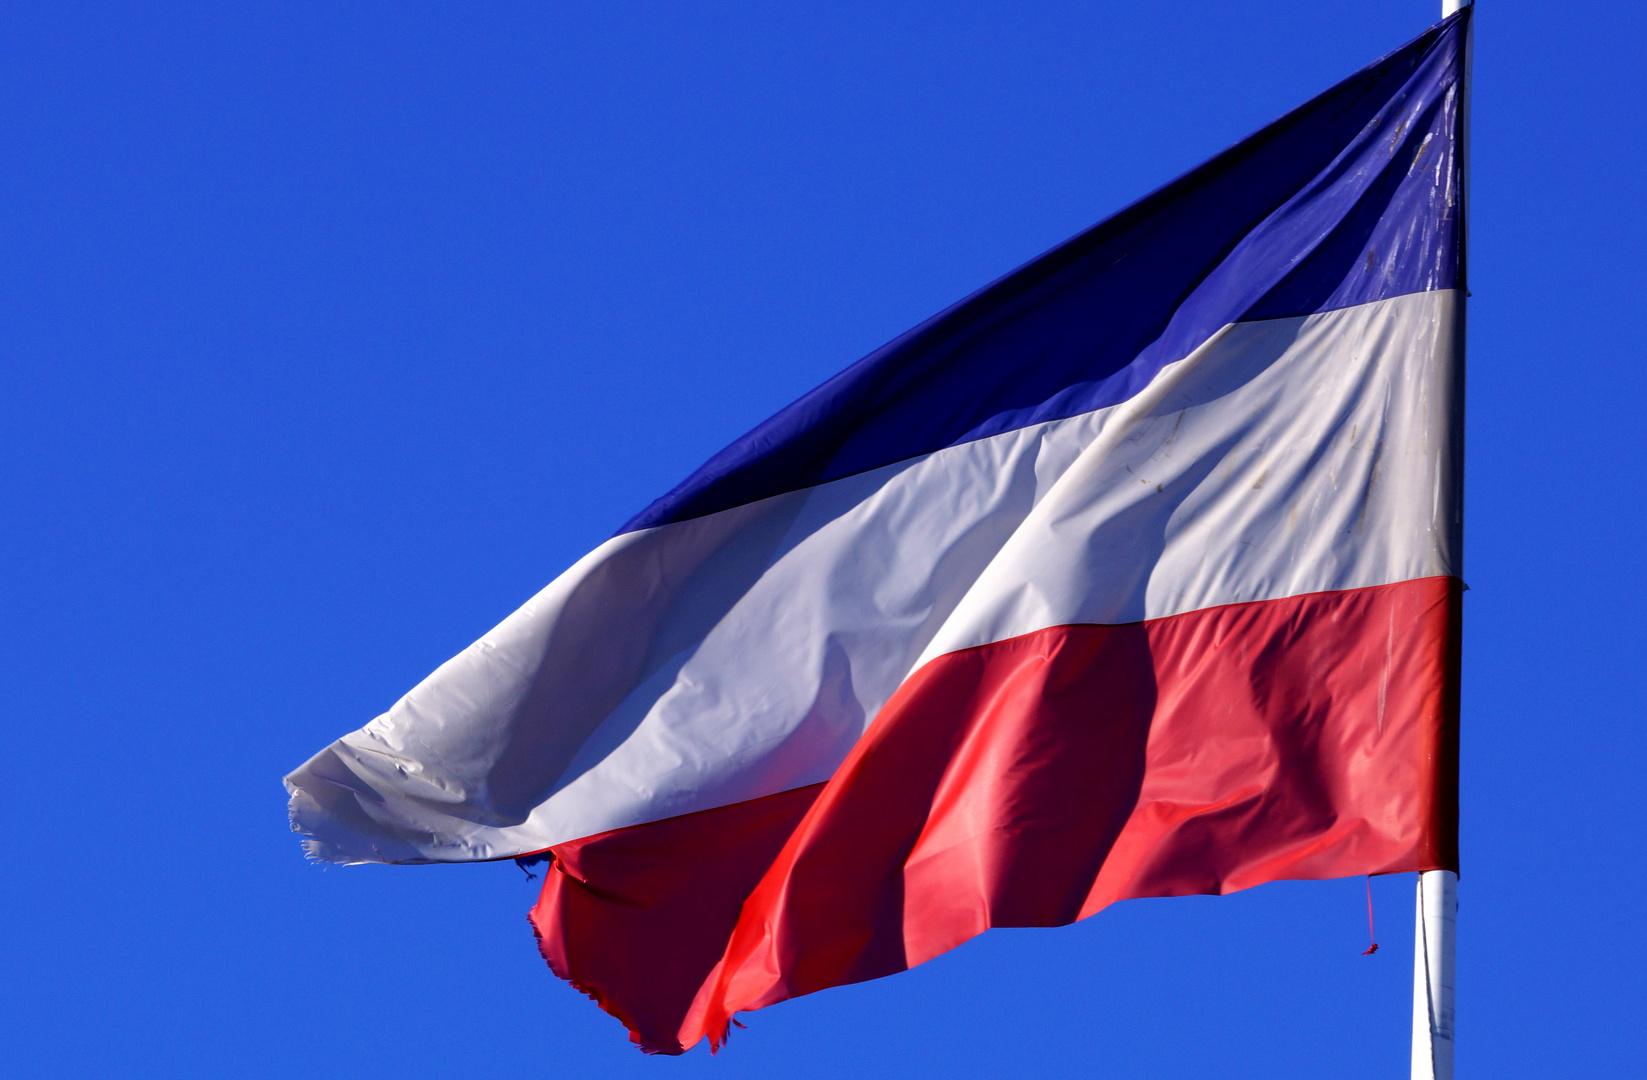 Einfach mal Flagge zeigen!